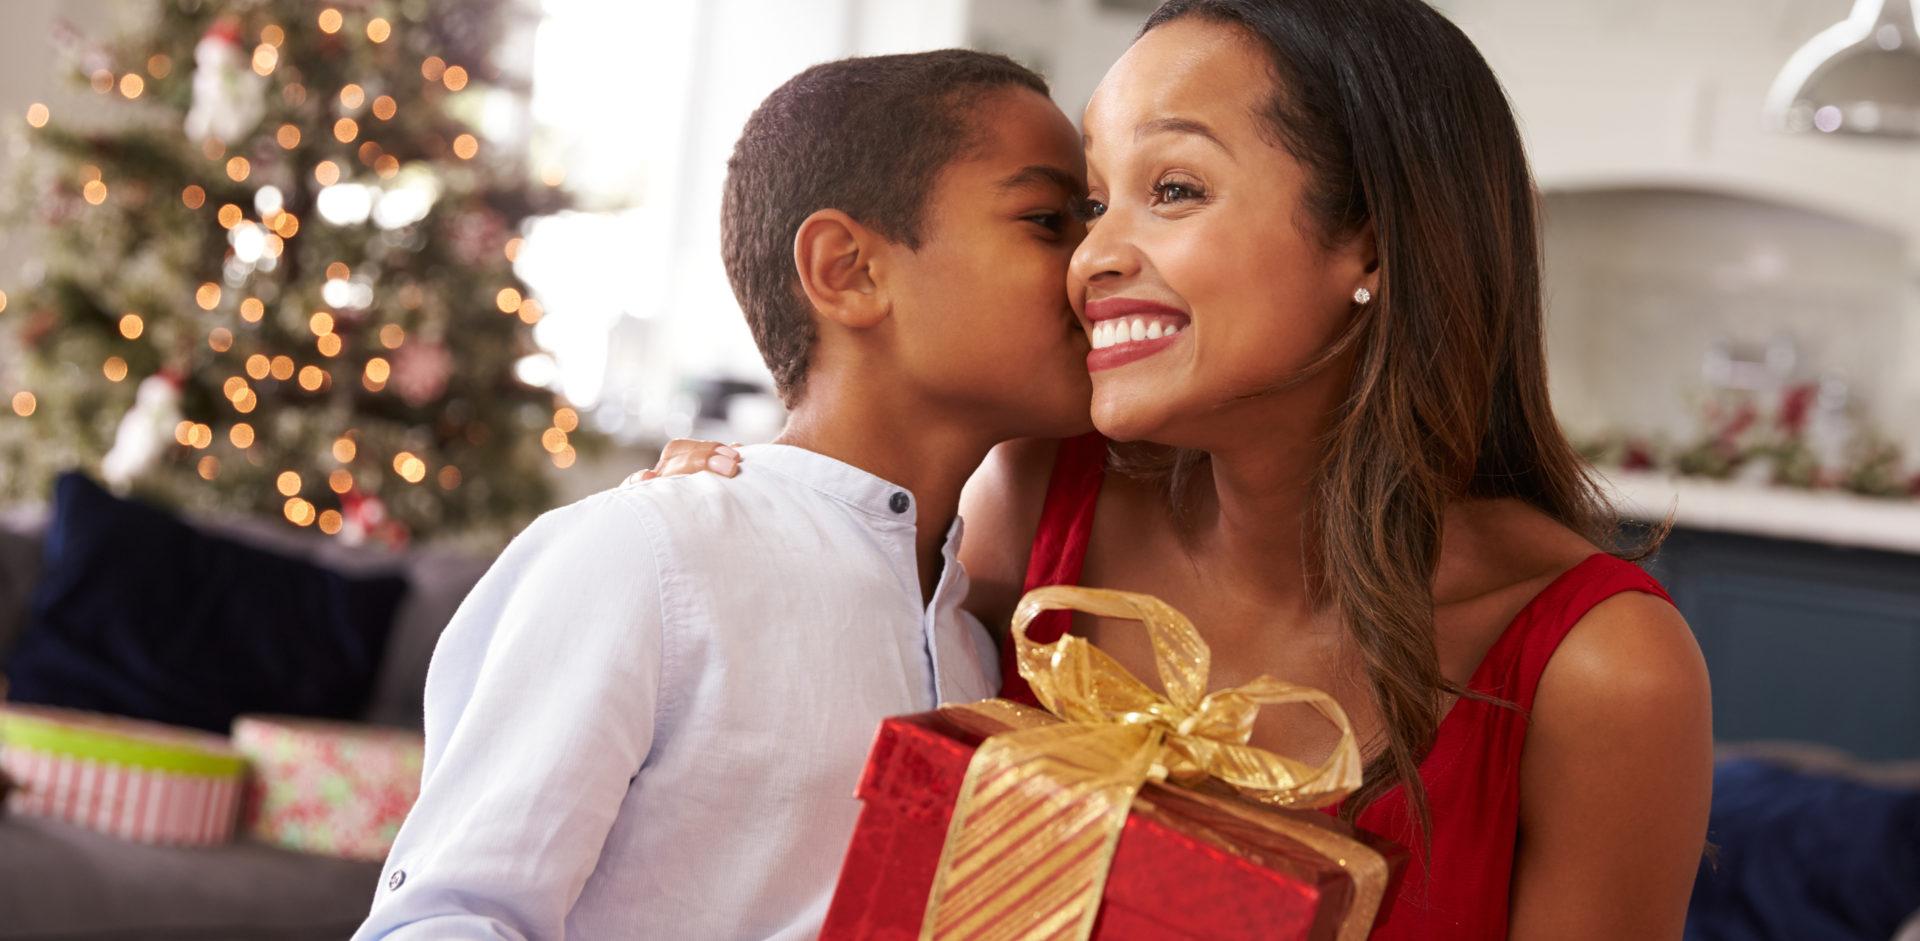 Dicas de presentes para mãe: acerte na escolha